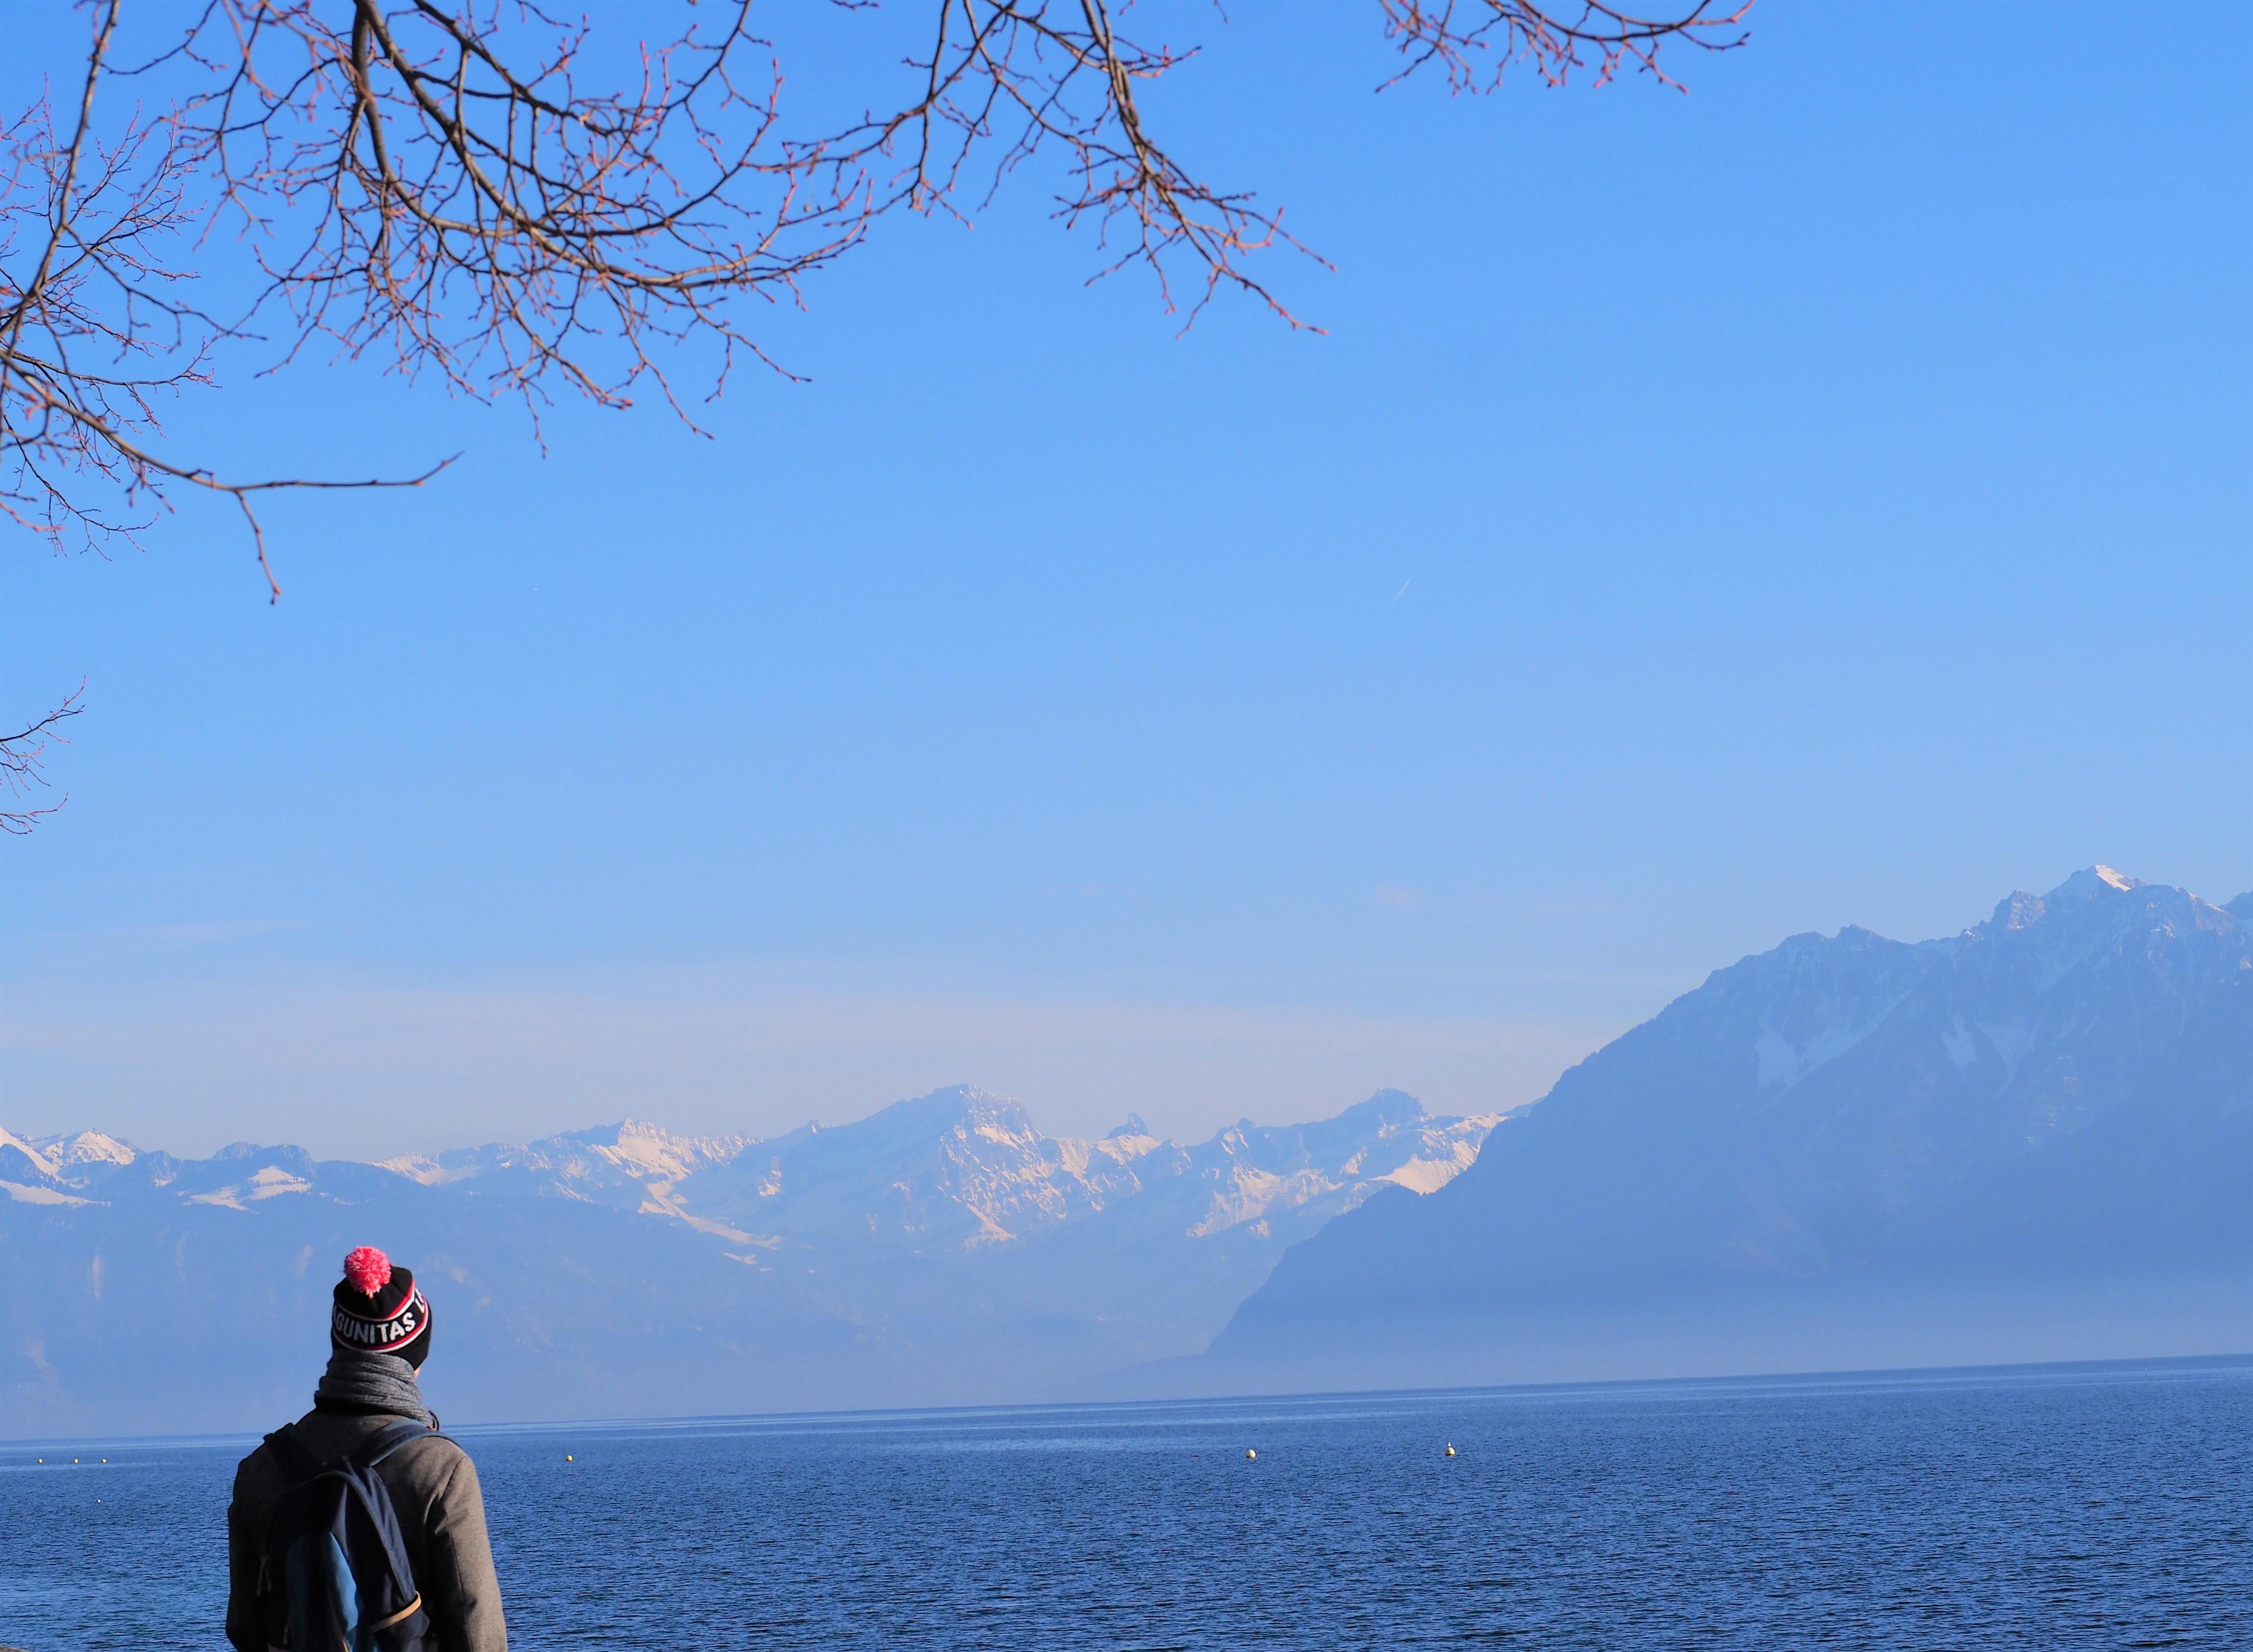 clioandco-blog-voyage-lausanne-suisse-canton-de-vaud-pres-douchy